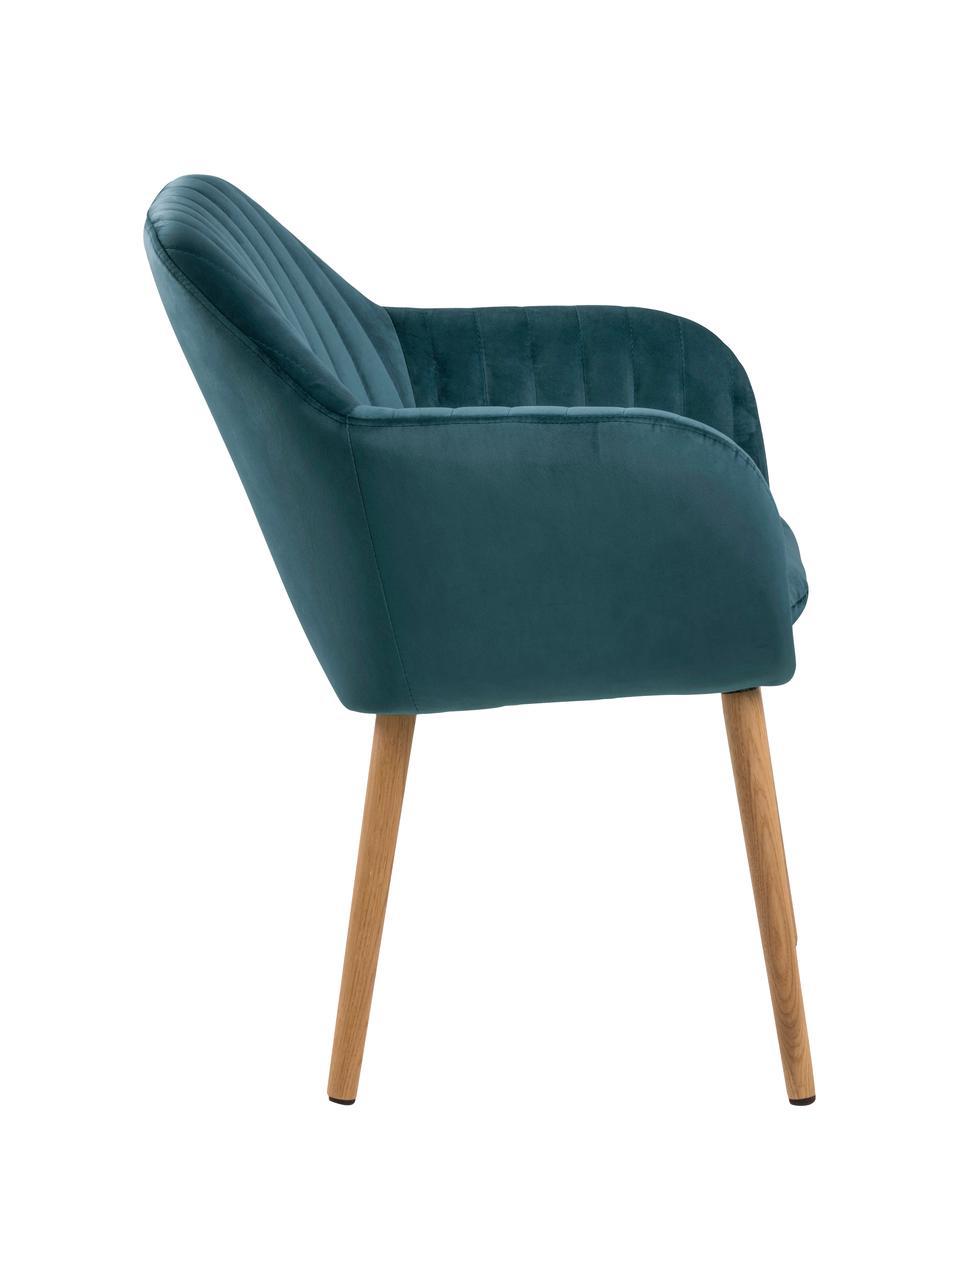 Samt-Armlehnstuhl Emilia in Blau mit Holzbeinen, Bezug: Polyestersamt Der hochwer, Beine: Eichenholz, ölbehandelt, Samt Blau, Beine Eiche, B 57 x T 59 cm